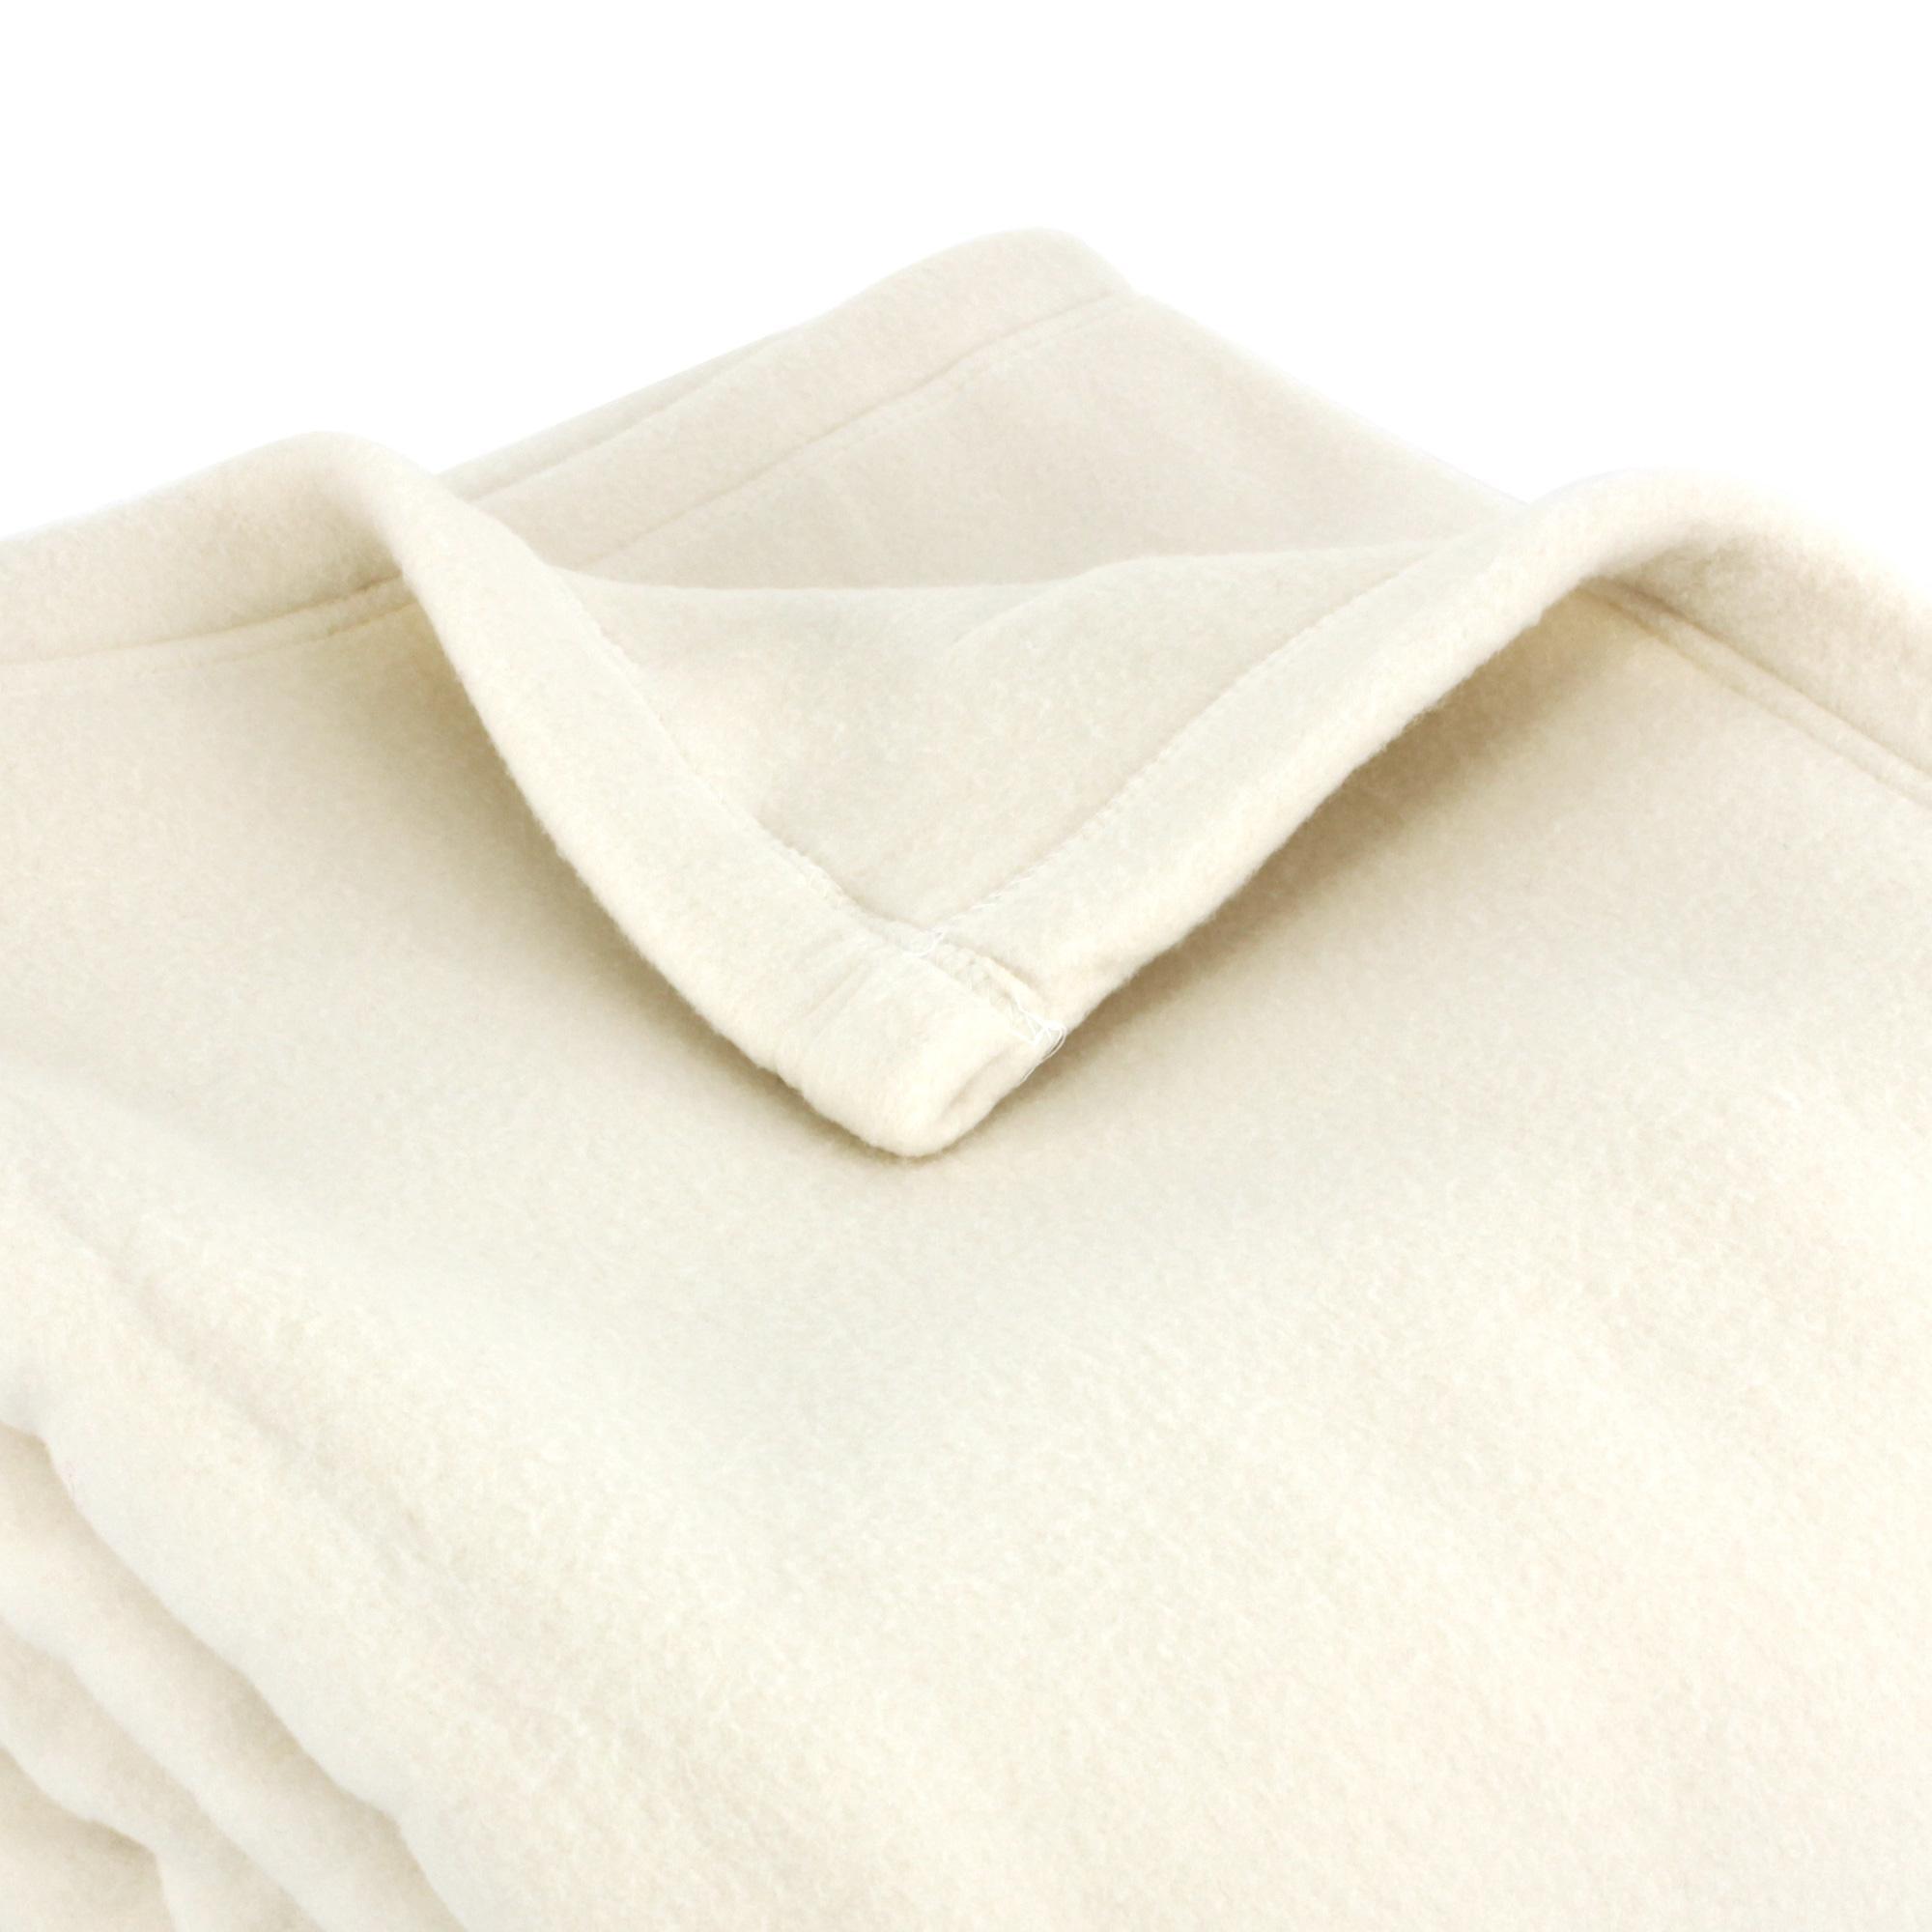 couverture polaire polyester 240x300 cm teddy naturel linnea vente de linge de maison. Black Bedroom Furniture Sets. Home Design Ideas